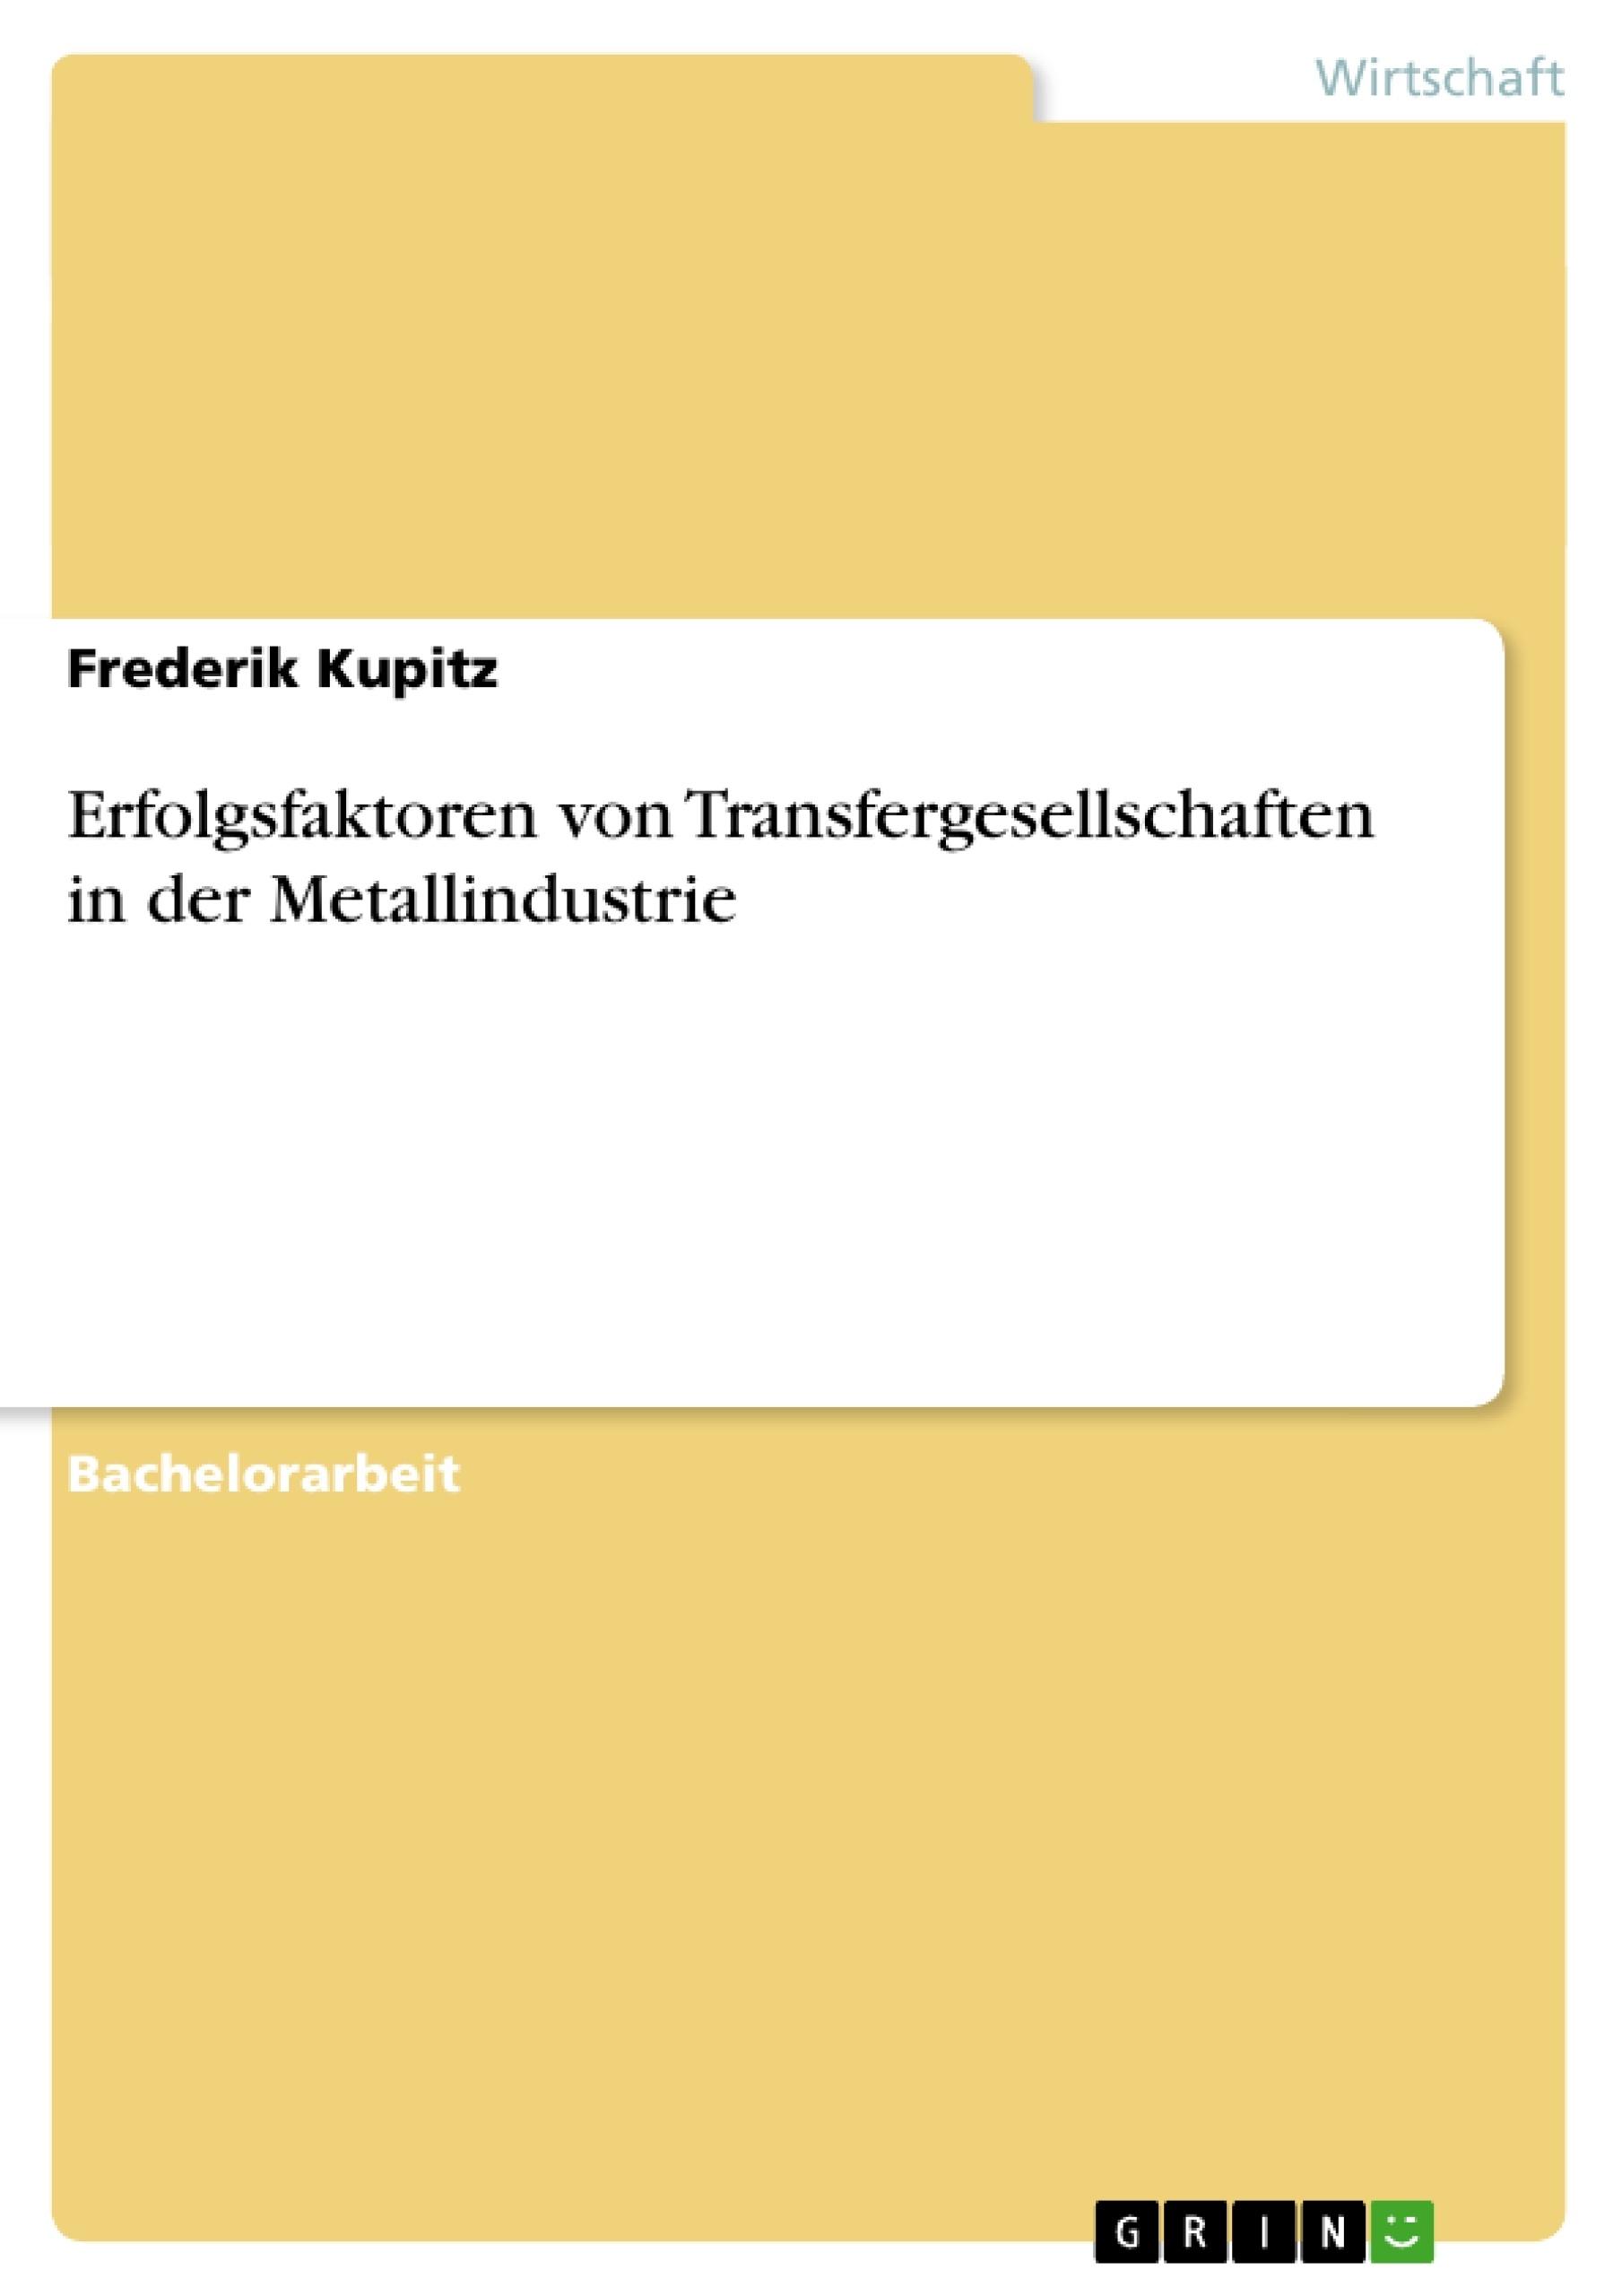 Titel: Erfolgsfaktoren von Transfergesellschaften in der Metallindustrie